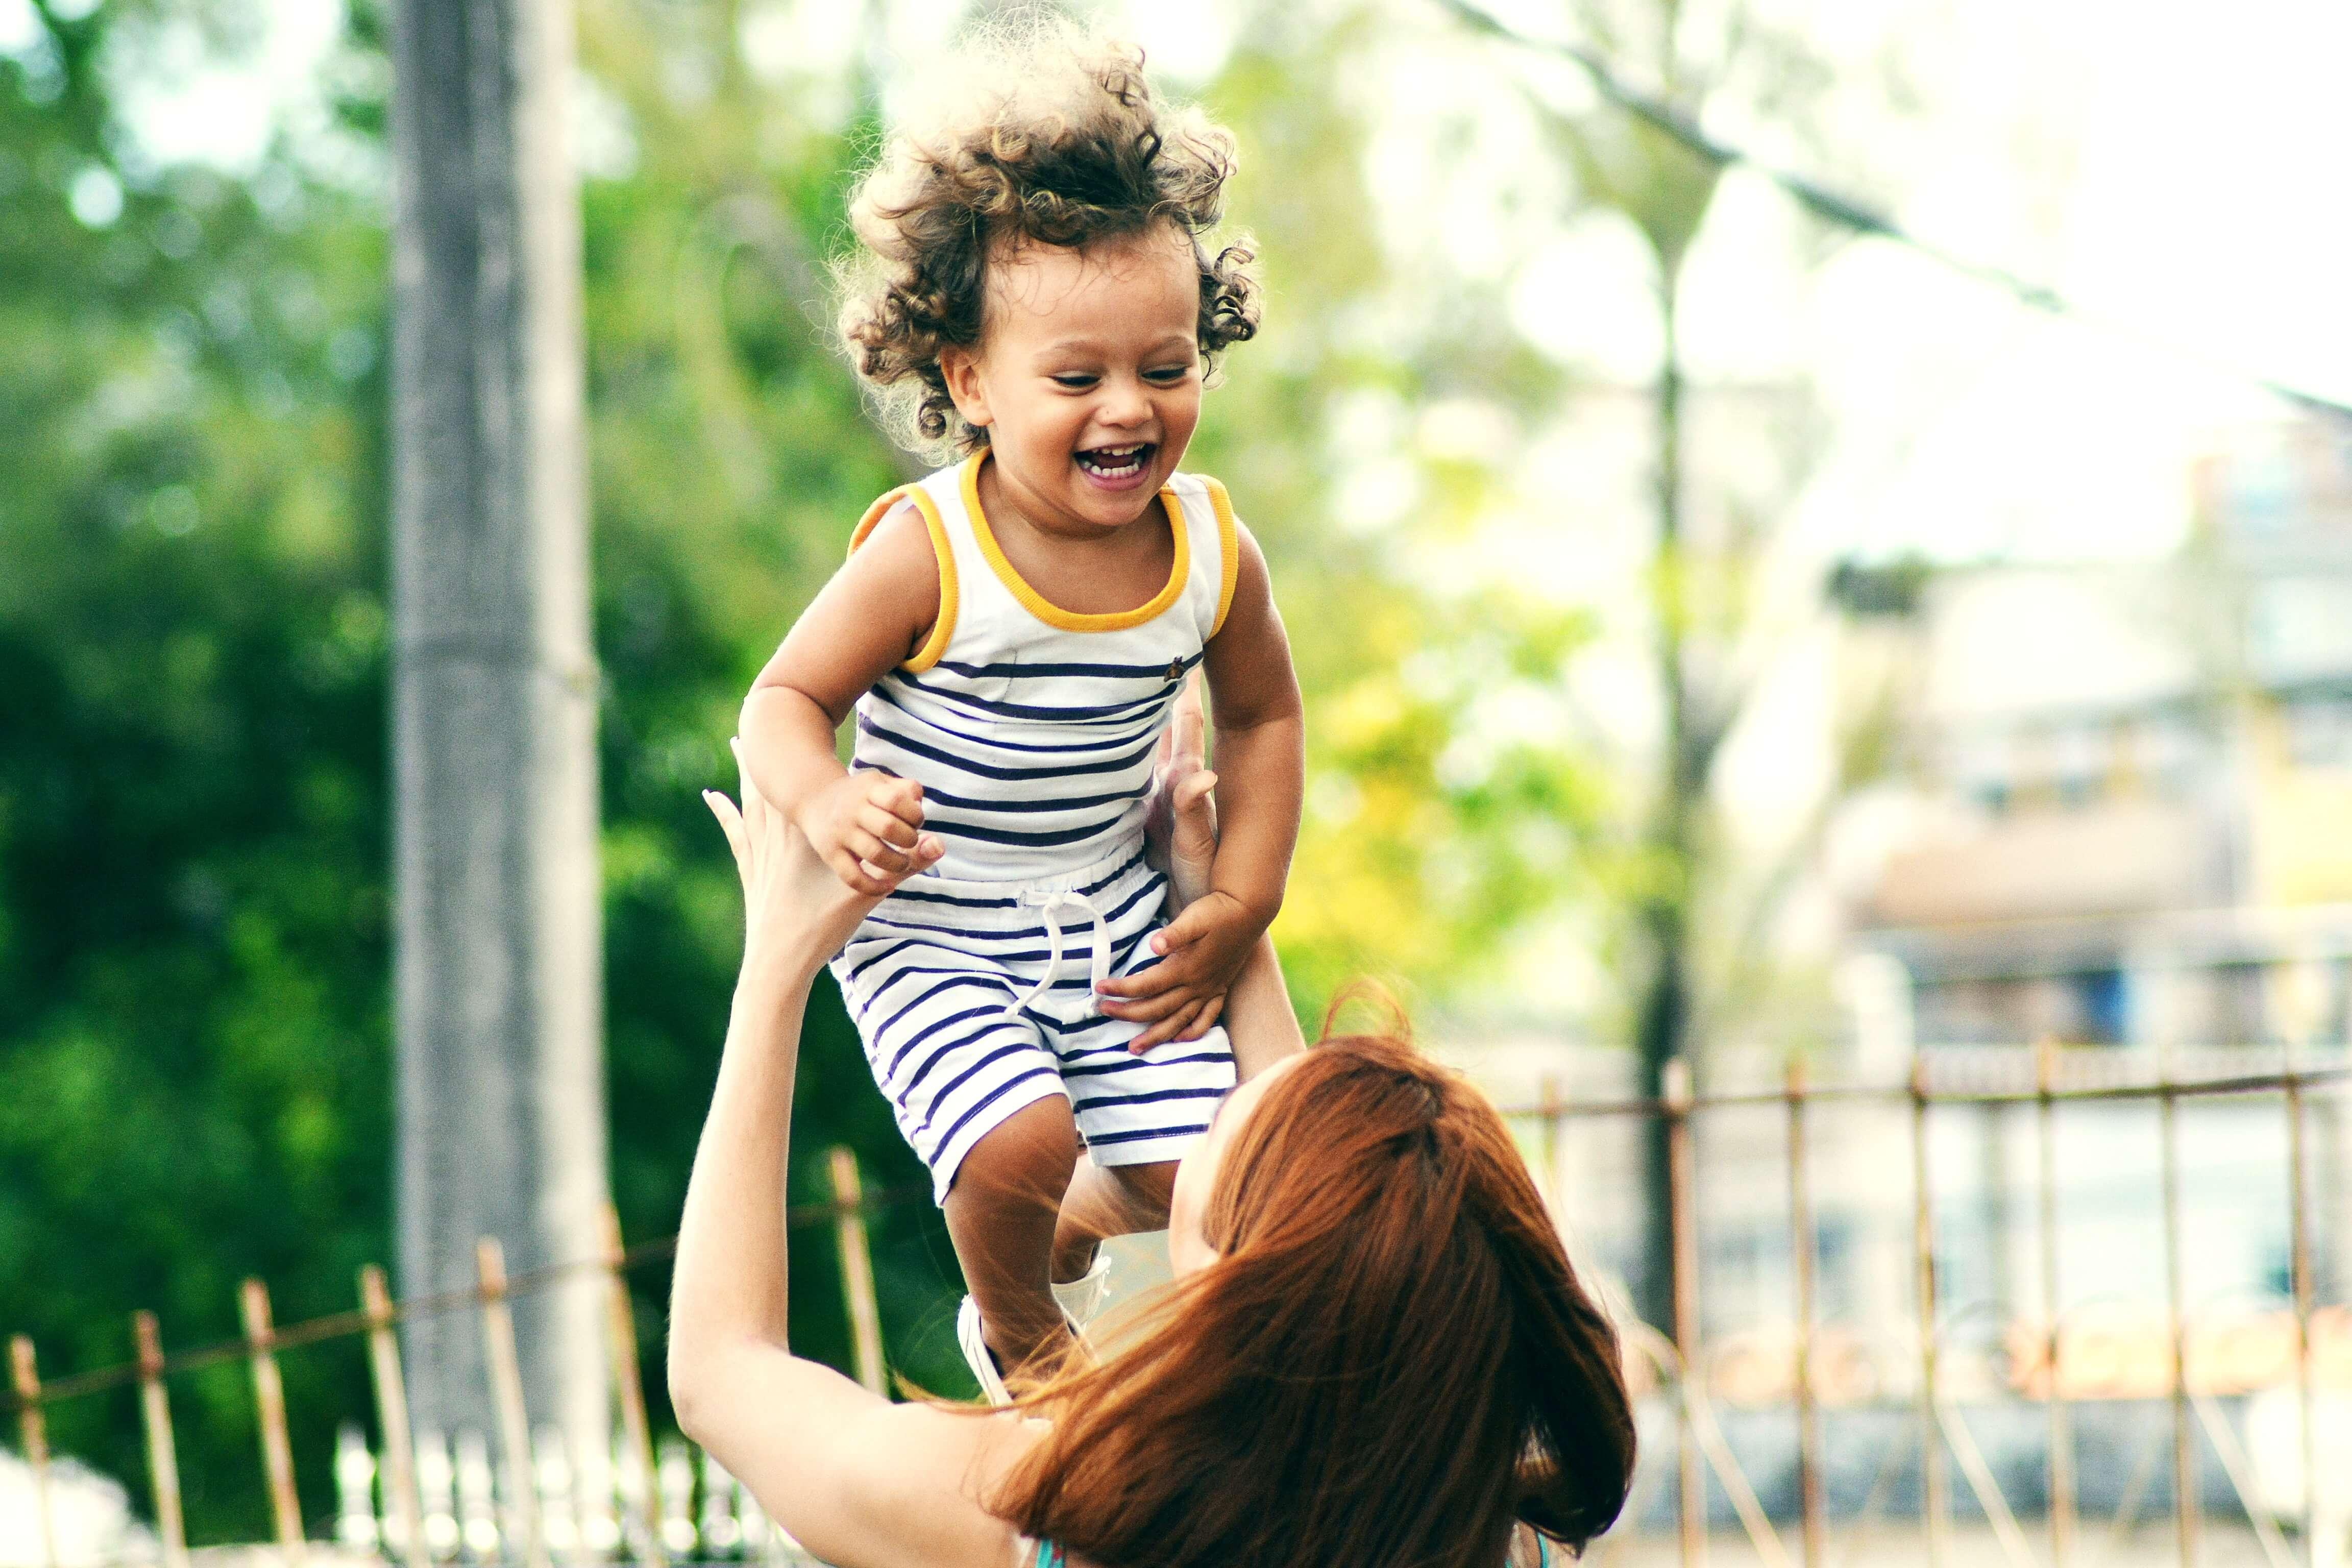 mujer lanzando a niño pequeño al aire